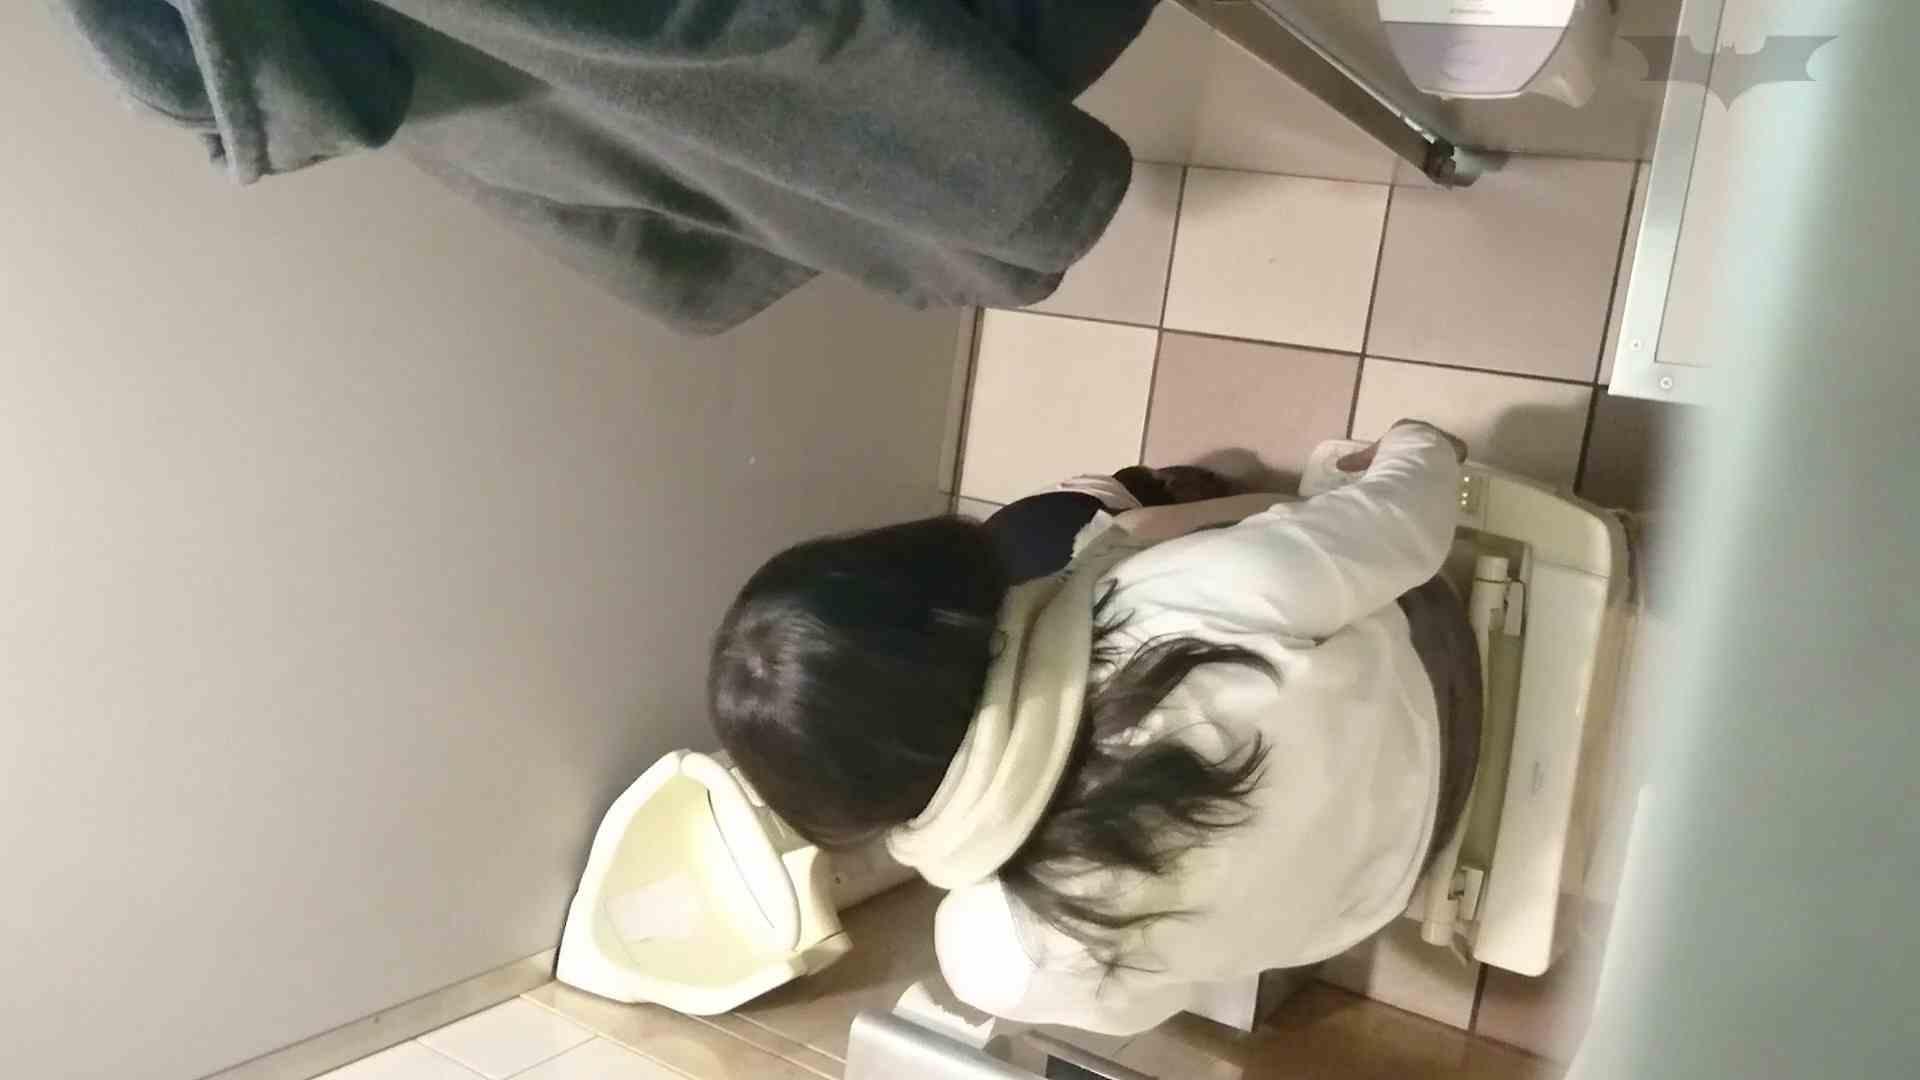 化粧室絵巻 ショッピングモール編 VOL.12 美肌  71PIX 52